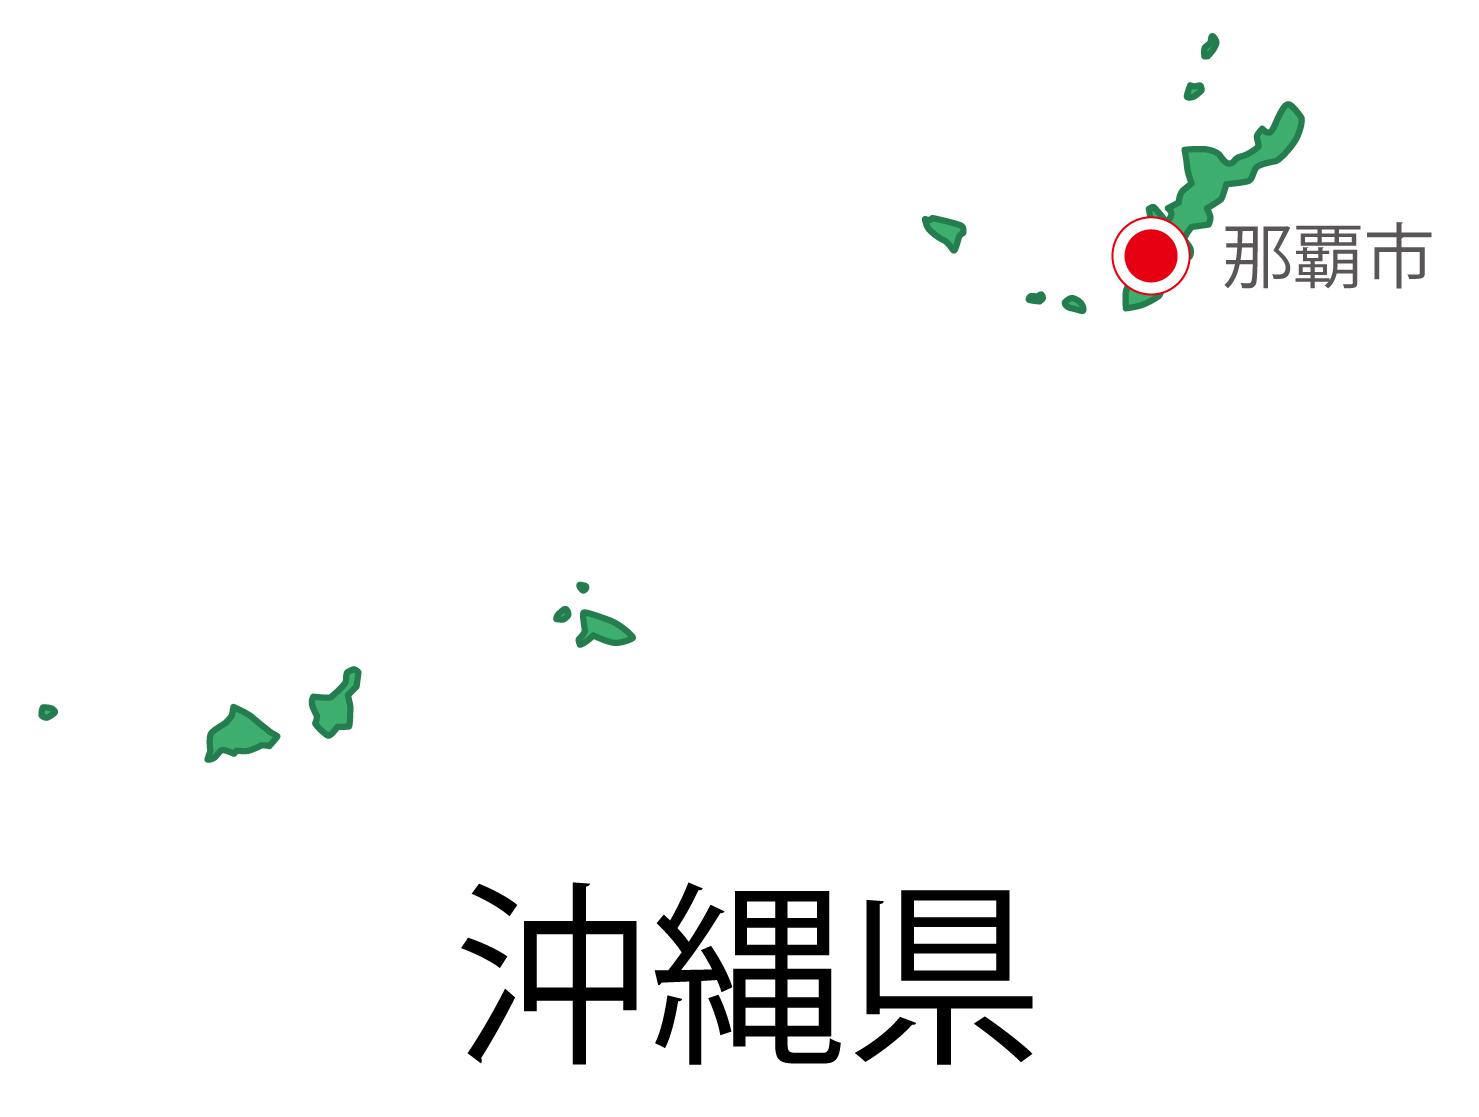 沖縄県無料フリーイラスト|日本語・都道府県名あり・県庁所在地あり(緑)